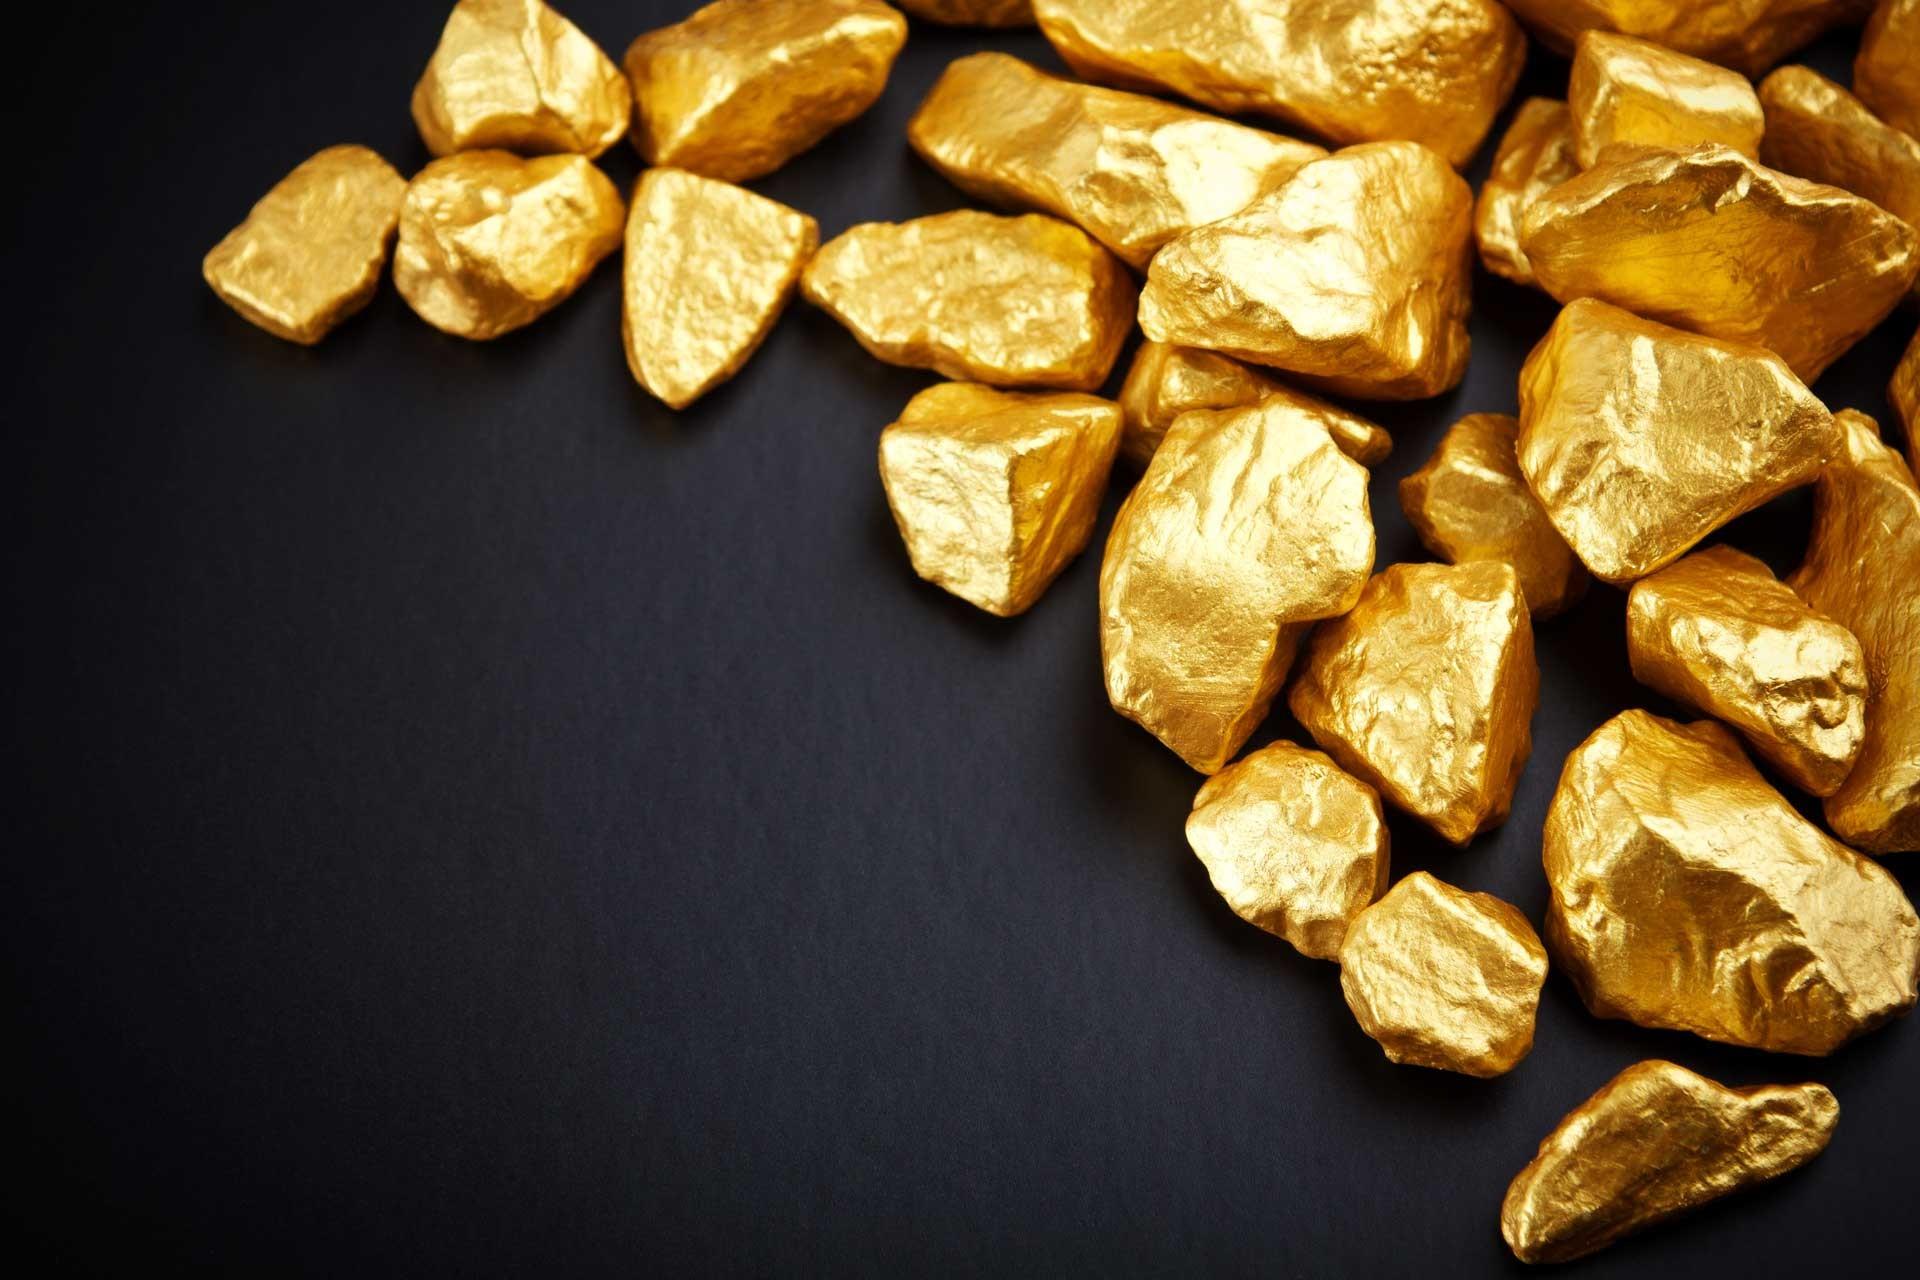 Трое мужчин будут осуждены запопытку сбыта 10-ти килограмм фальшивого золота